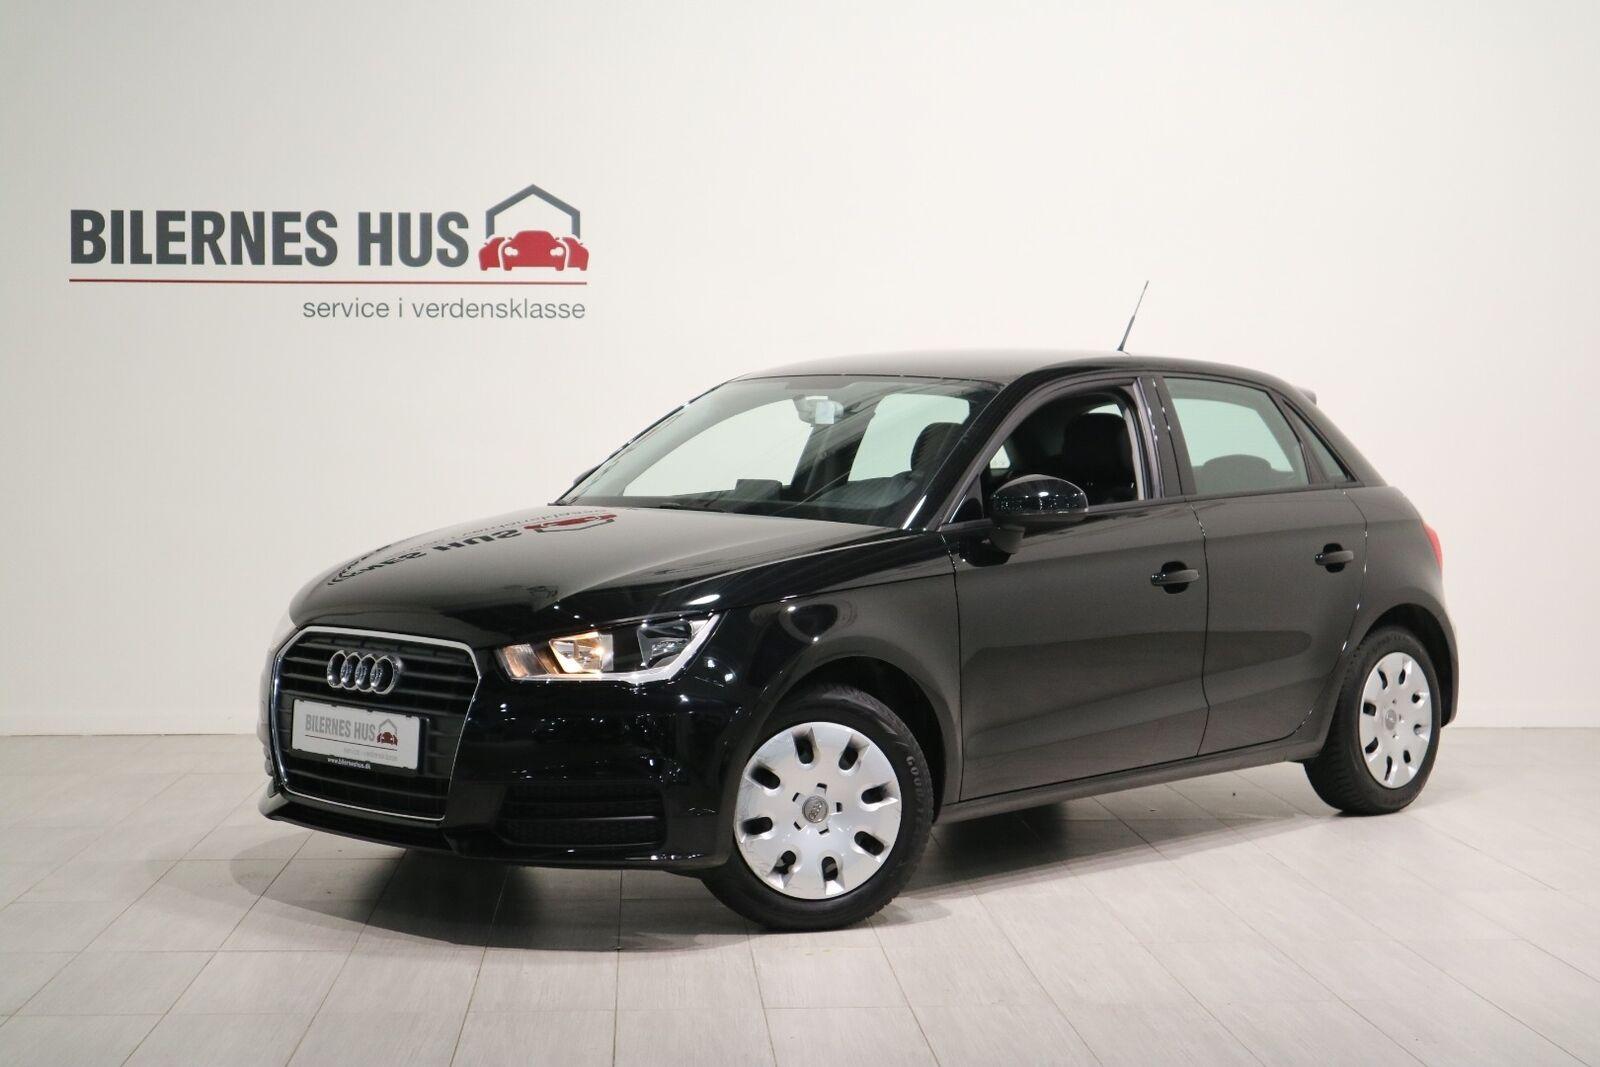 Audi A1 Billede 6